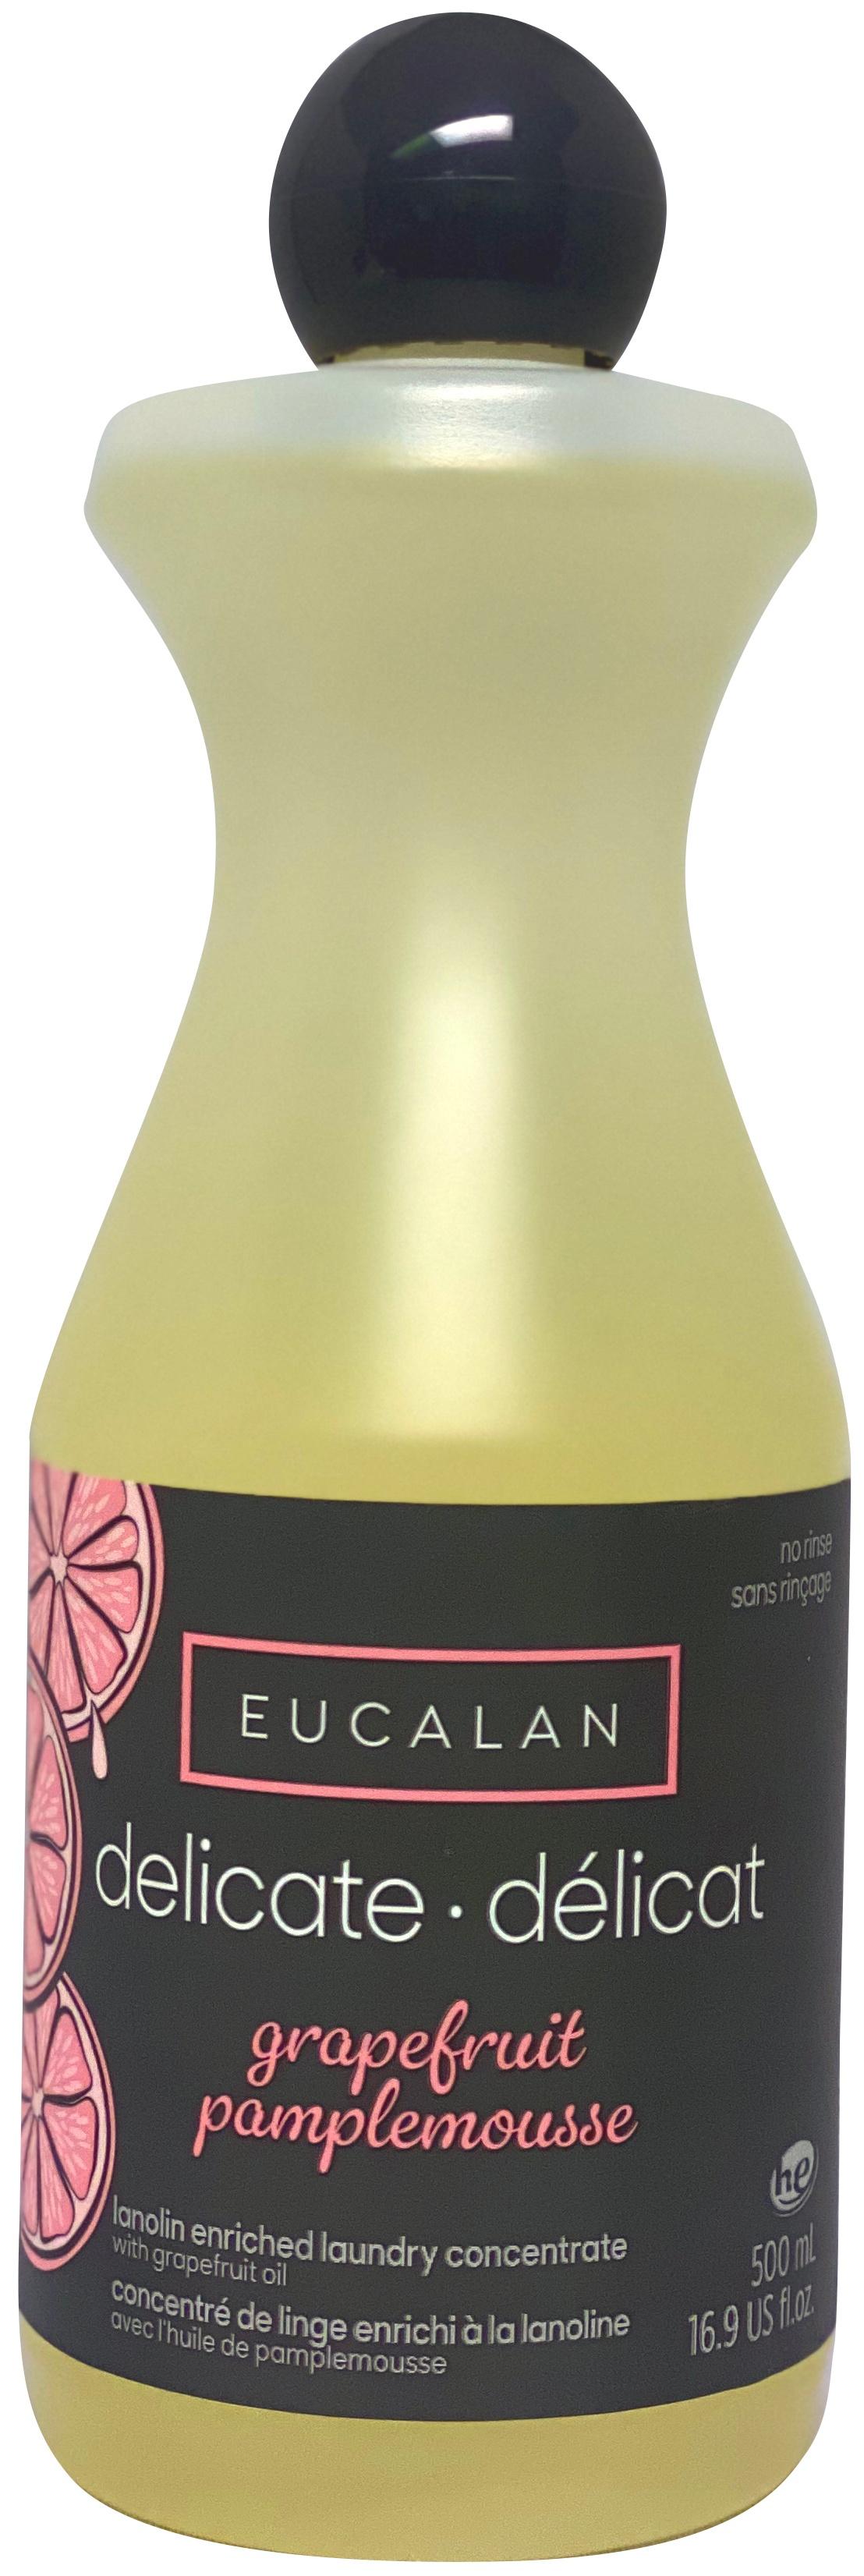 Eucalan Grapefruit 16.9 oz